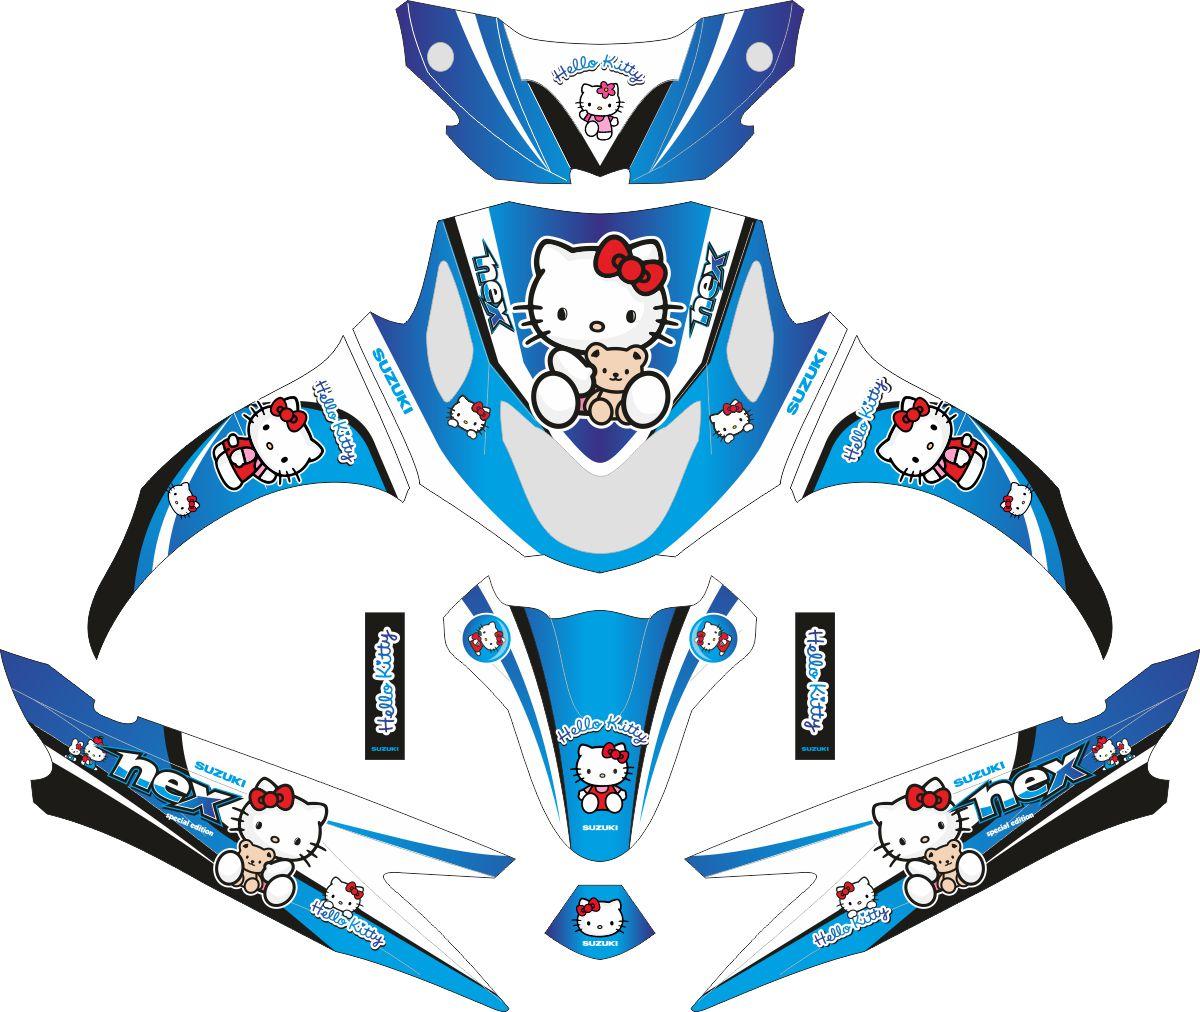 Комплект наклеек на скутер SUZUKI NEX HELLO KITTY BLUE